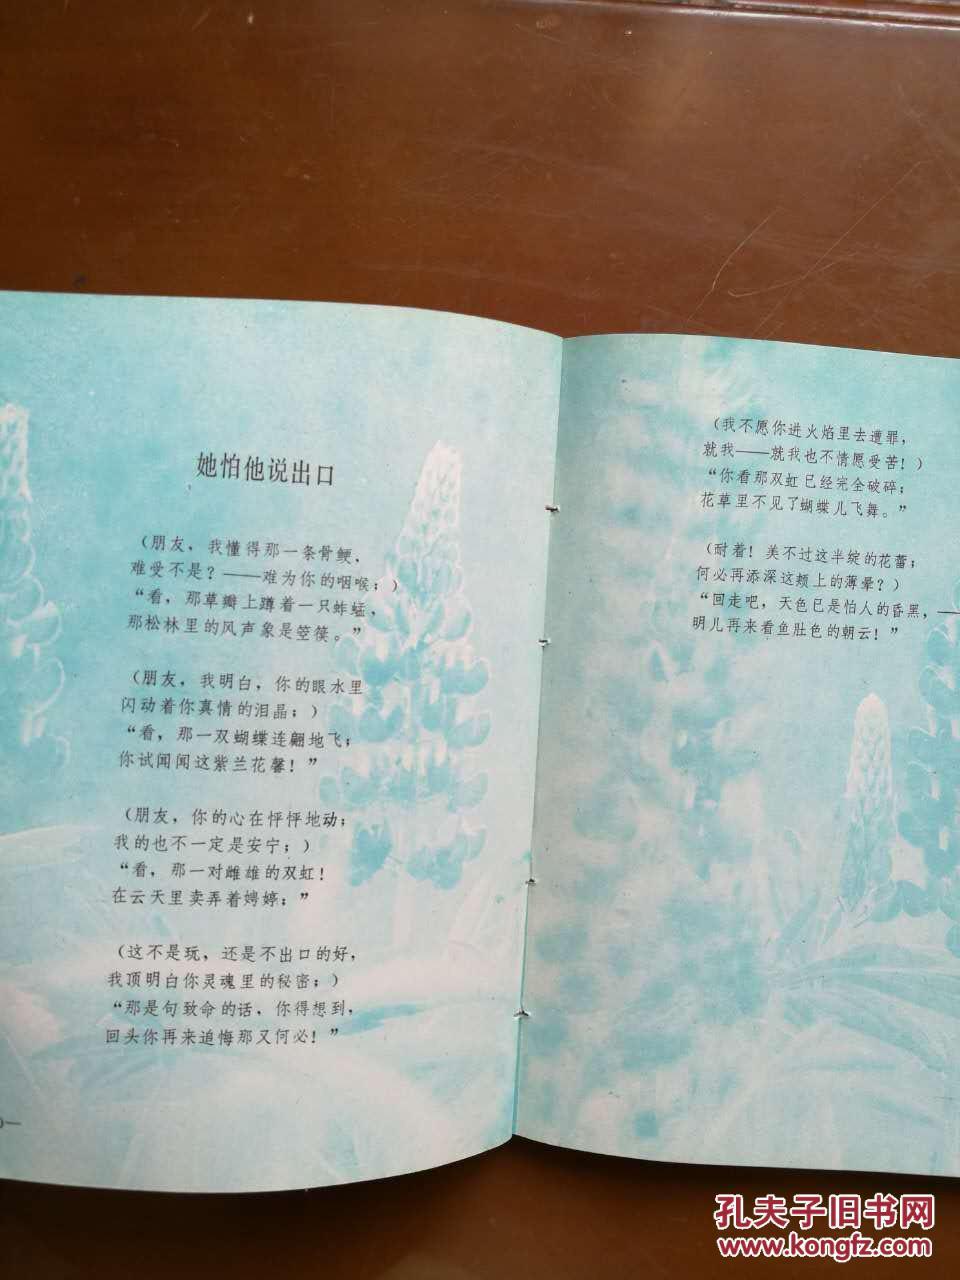 徐志摩 诗歌 成就 图片合集